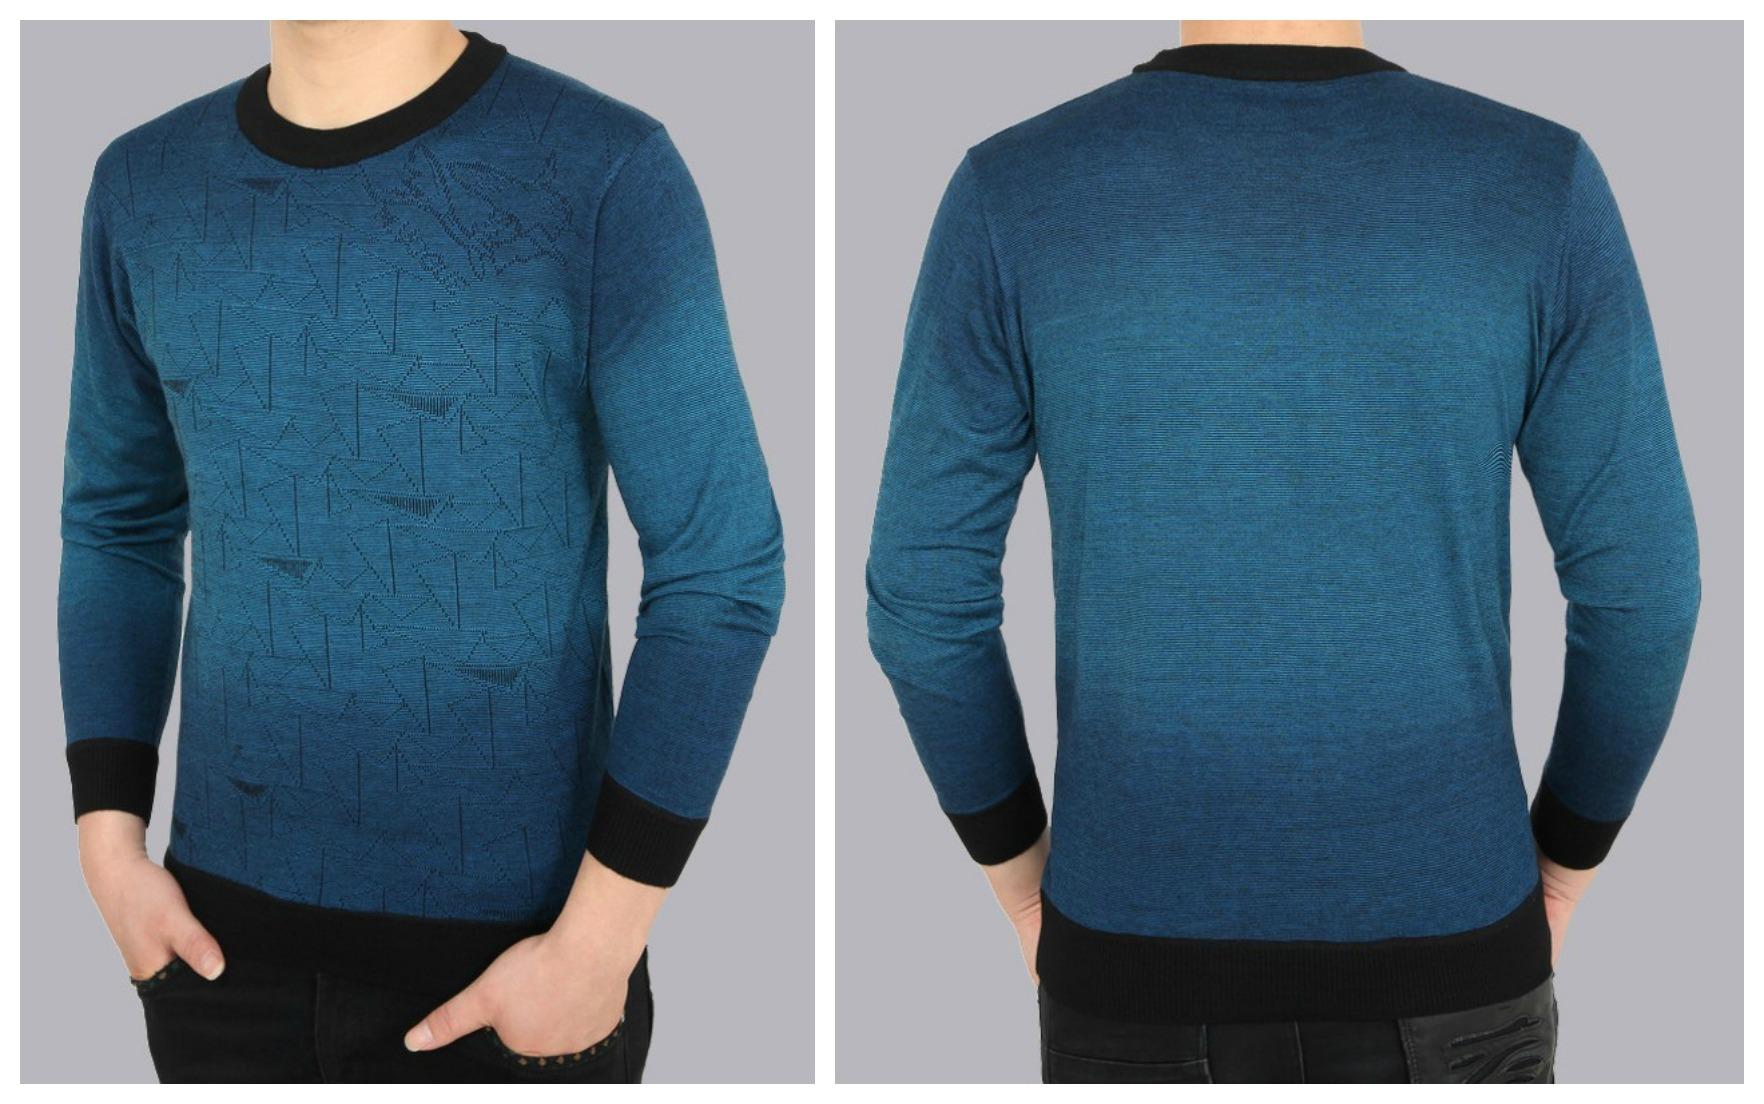 Sweater Fashion com Desenhos Geométricos em Degradê - Azul